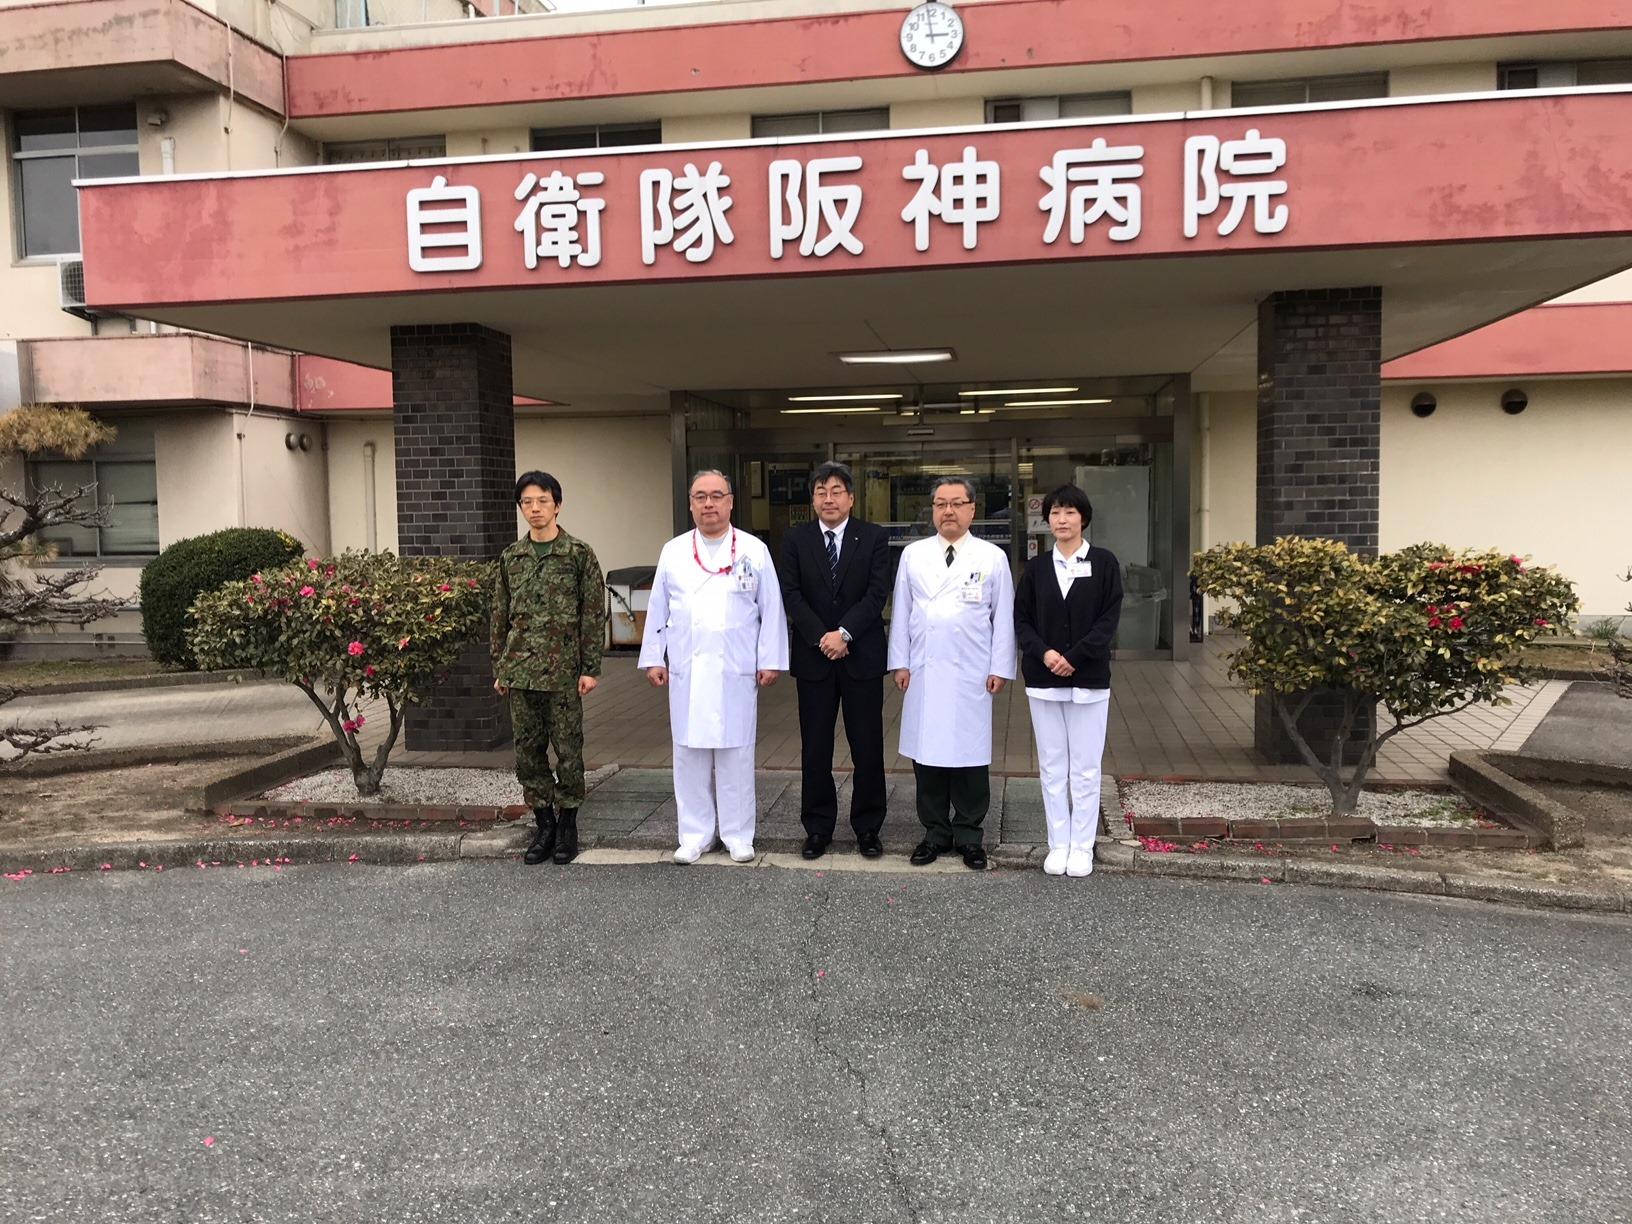 自衛隊阪神病院激励慰問